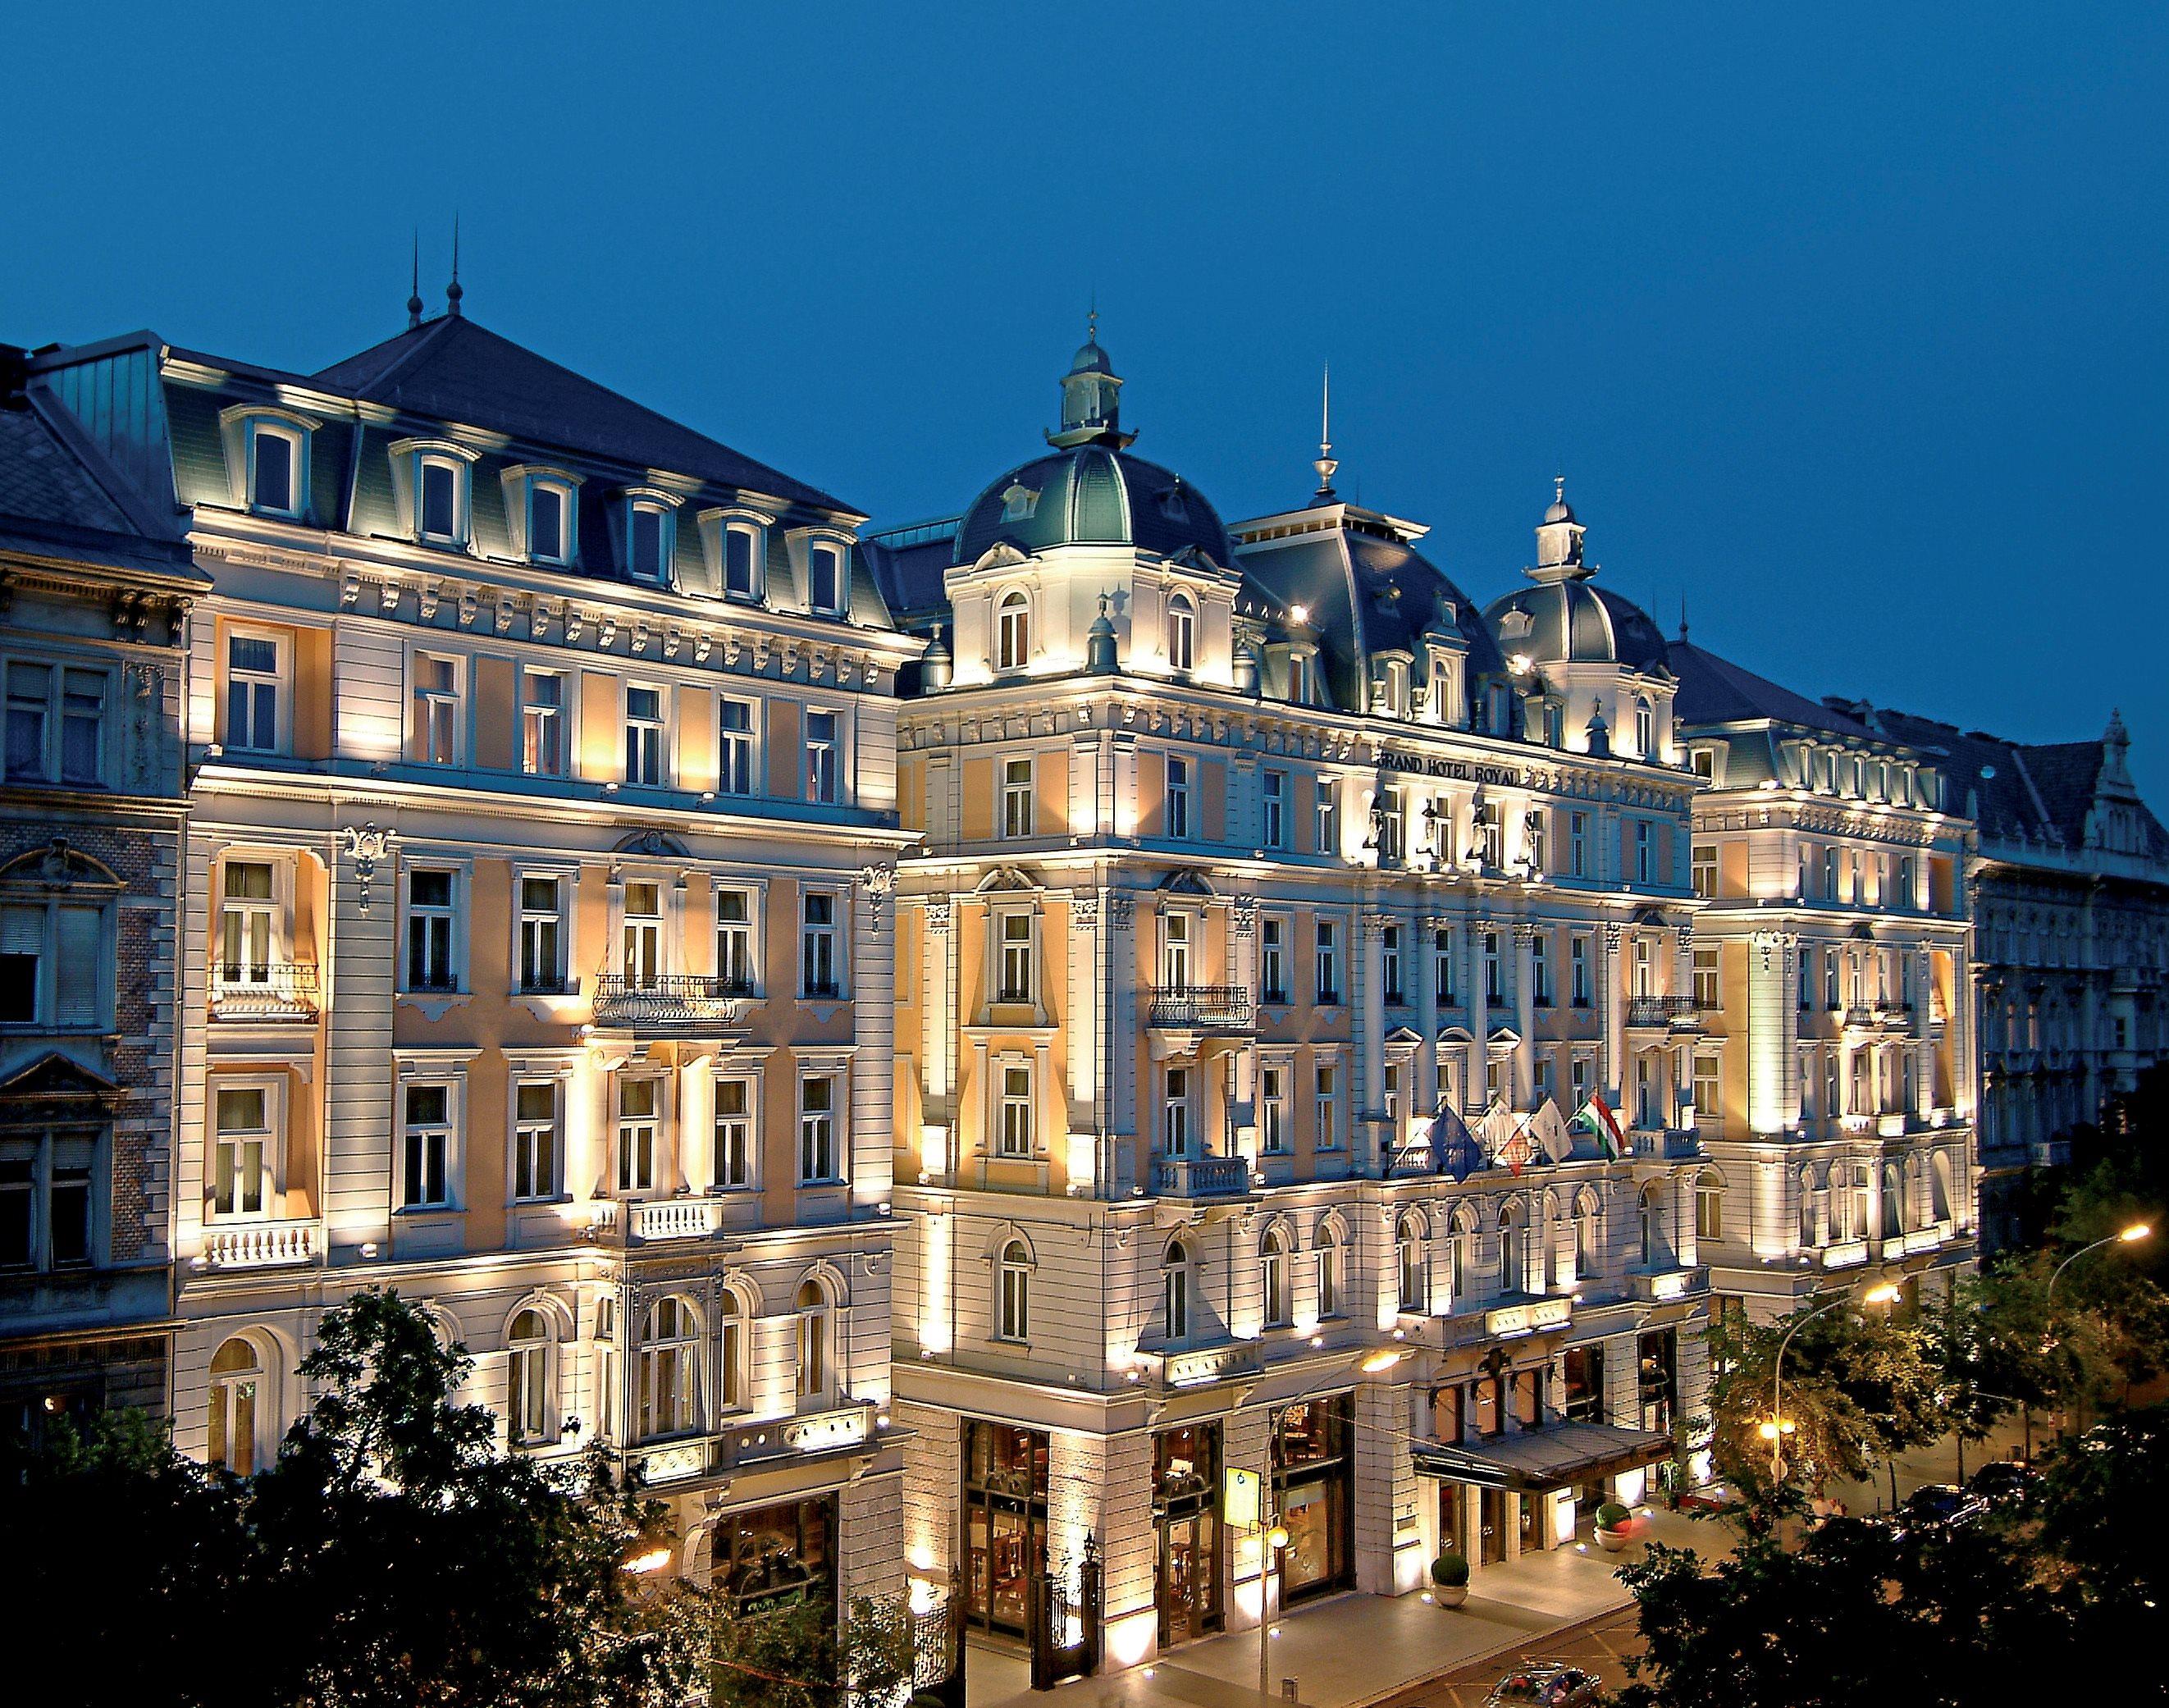 Verrassende romantische steden: Corinthia Hotel Budapest, Boedapest